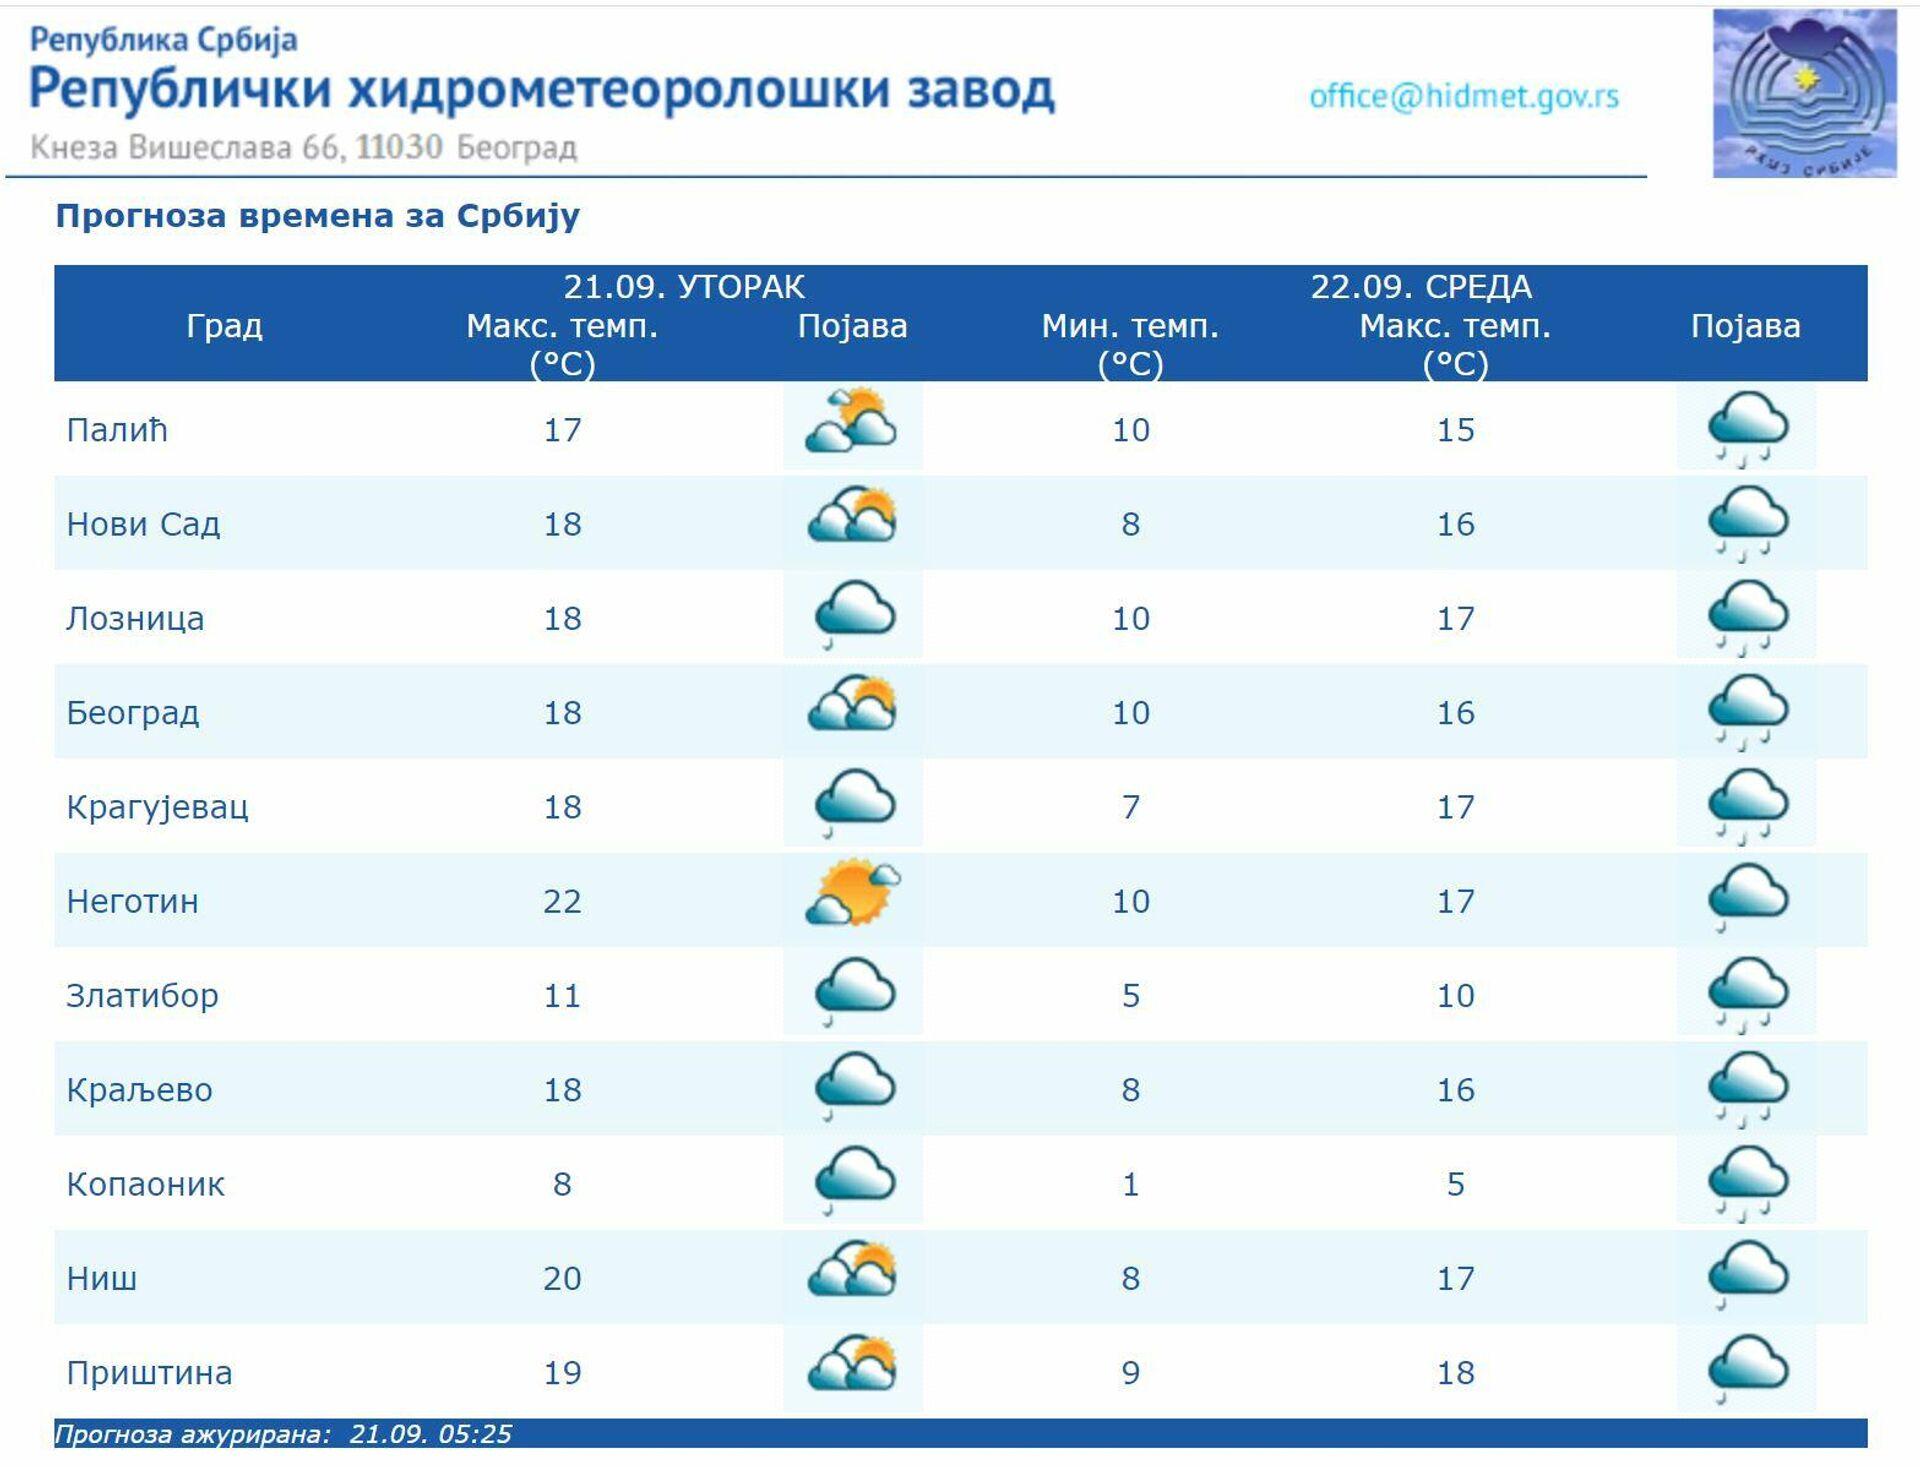 Временска прогноза за 21. септембар - Sputnik Србија, 1920, 21.09.2021